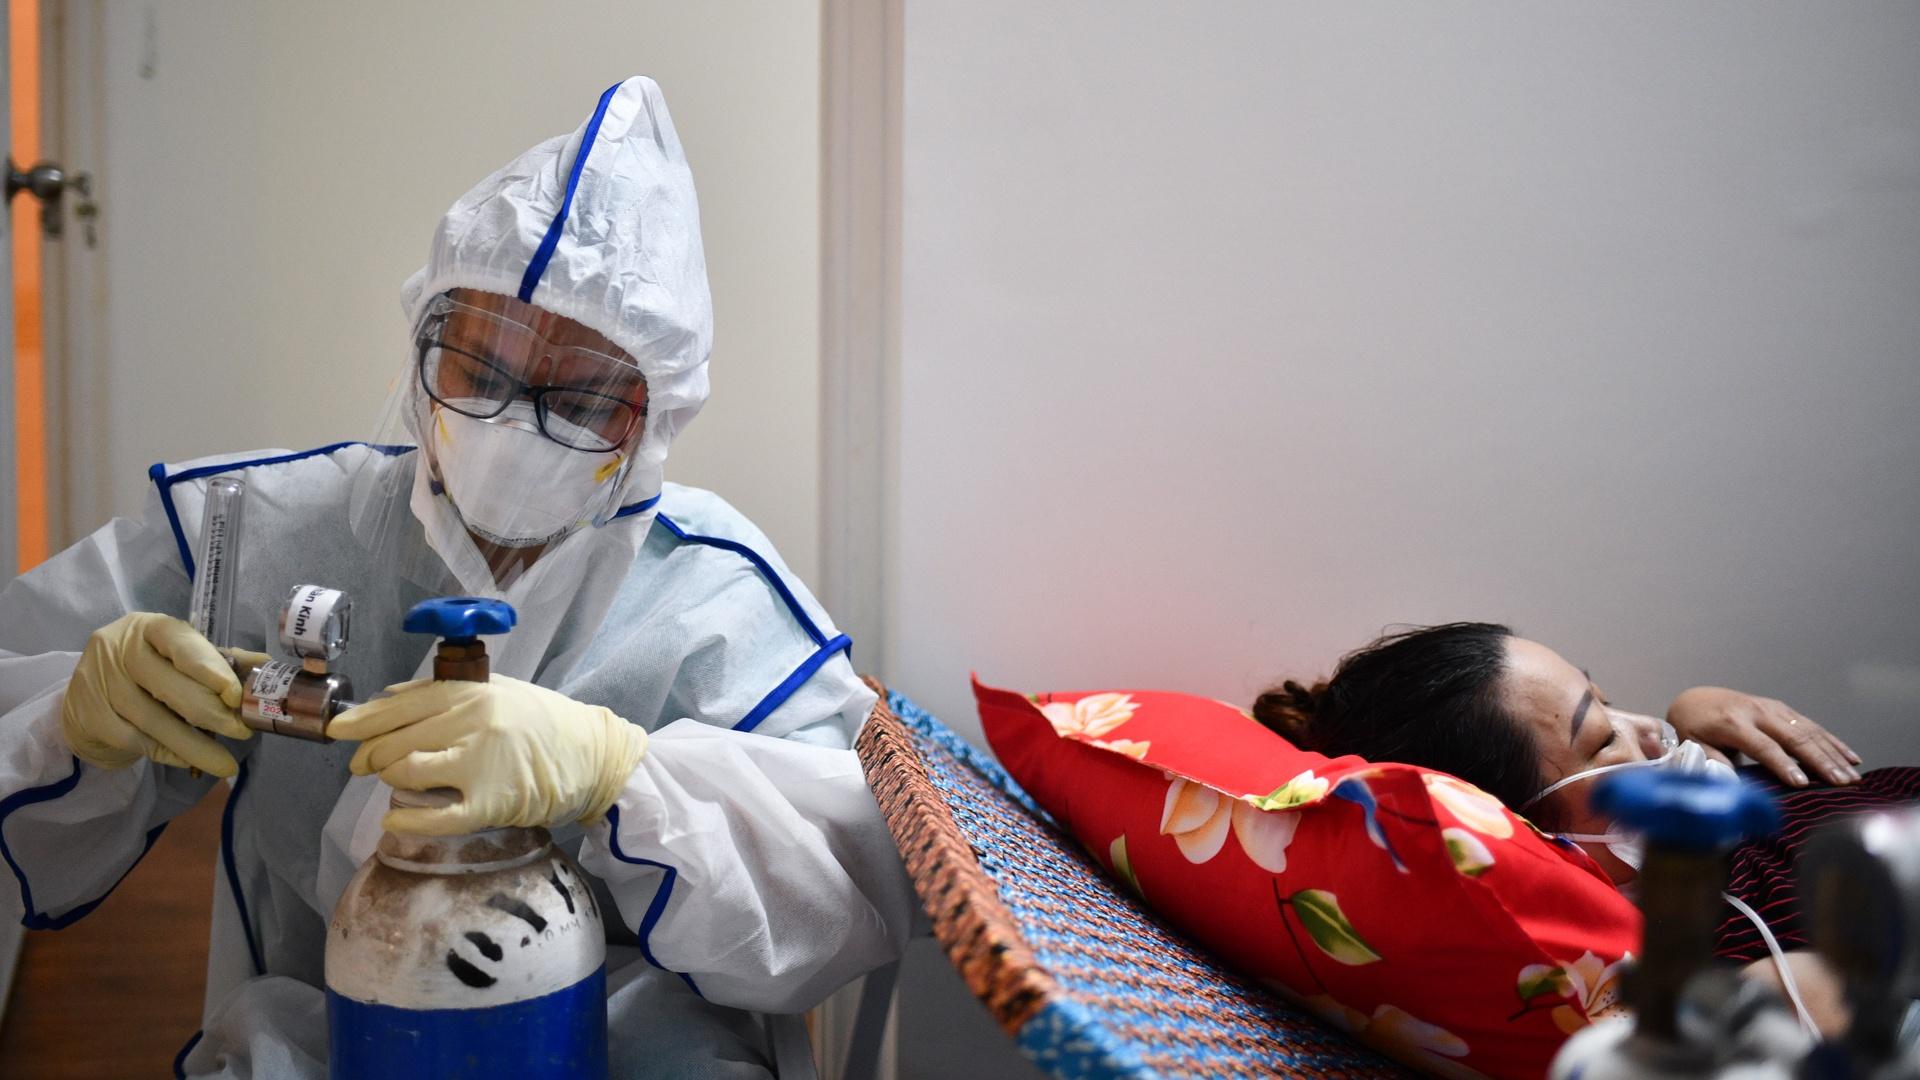 TP.HCM đang tập trung điều trị cho các bệnh nhân Covid-19 chuyển nặng. Ảnh: Duy Hiệu.